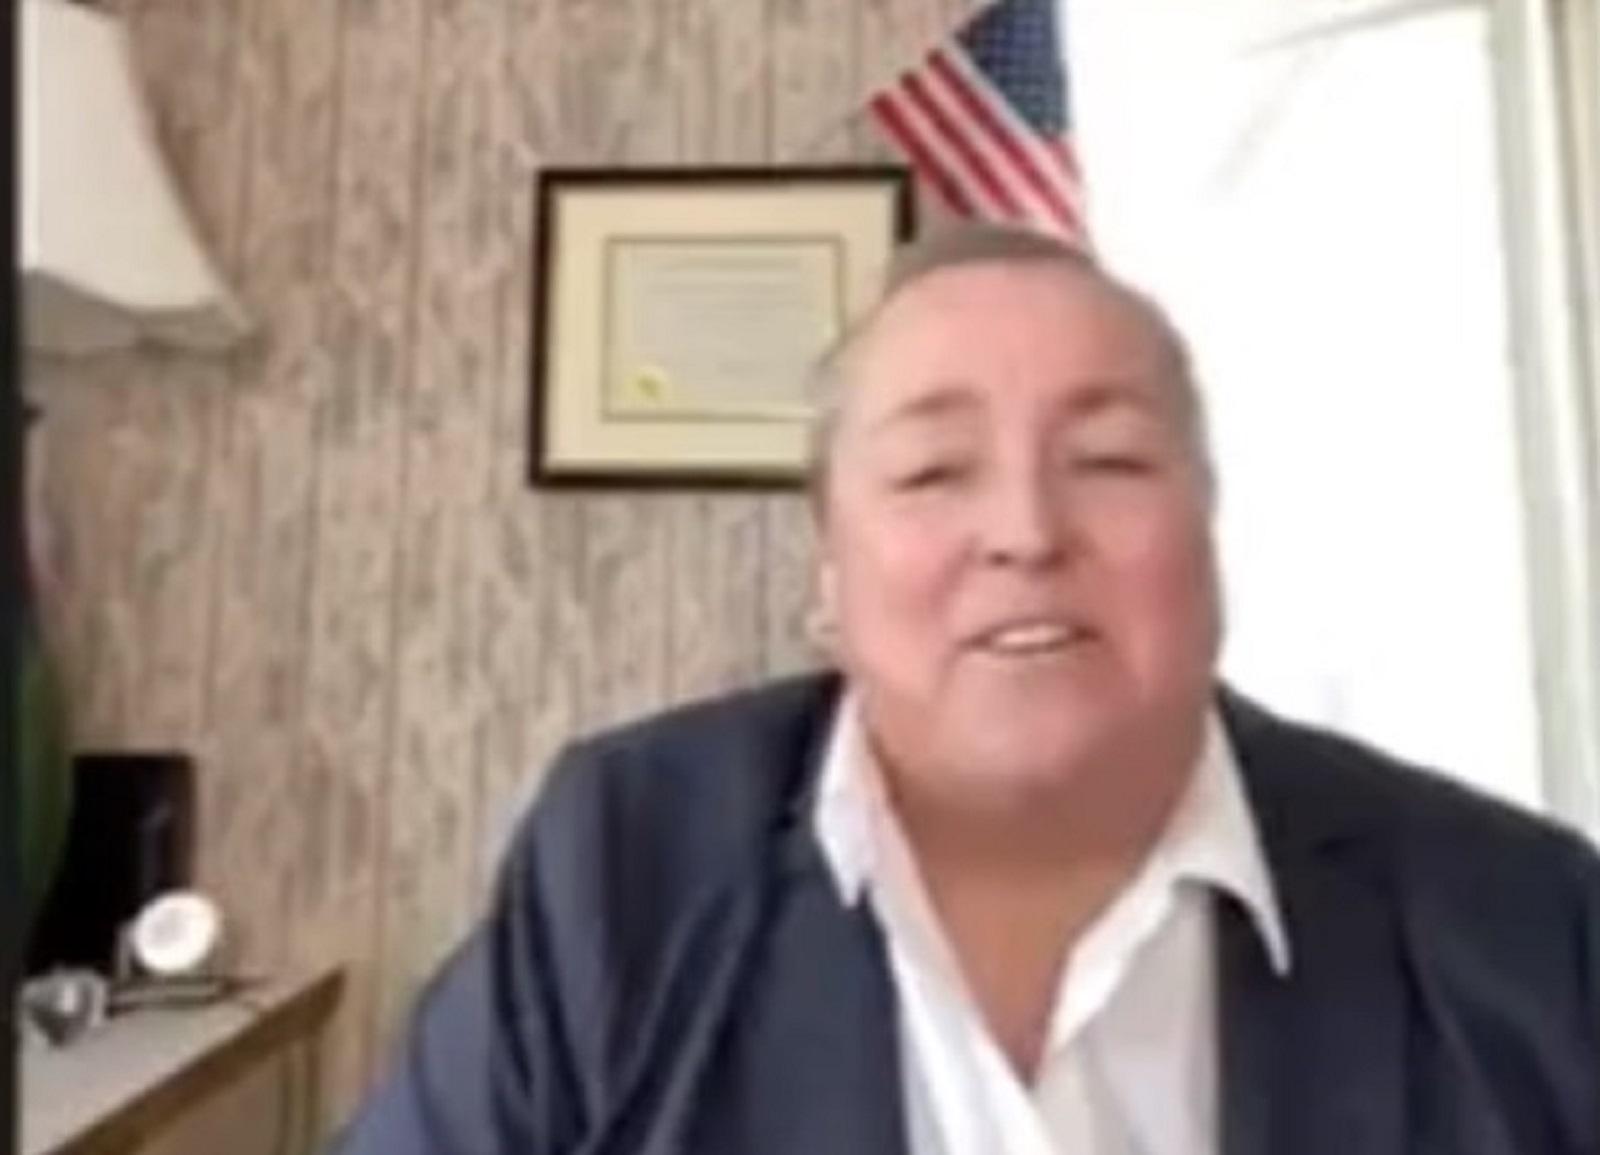 Mary Fay, l'une des rares candidates républicaines ouvertement homosexuelles au Congrès, s'exprimait lorsque le débat a été détourné